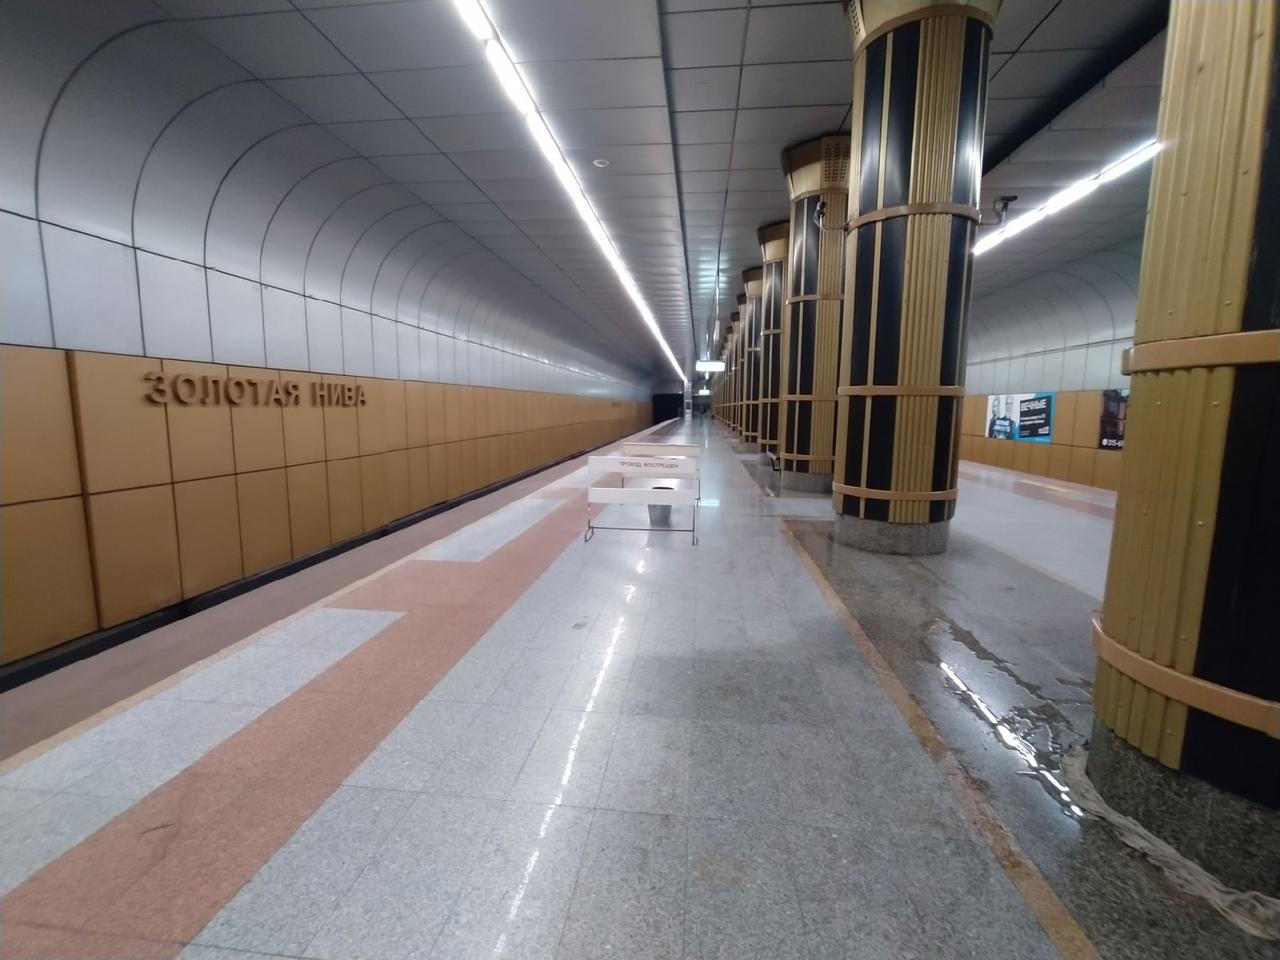 Фото На станции метро «Золотая Нива» в Новосибирске третий день не могут устранить течь с потолка 3